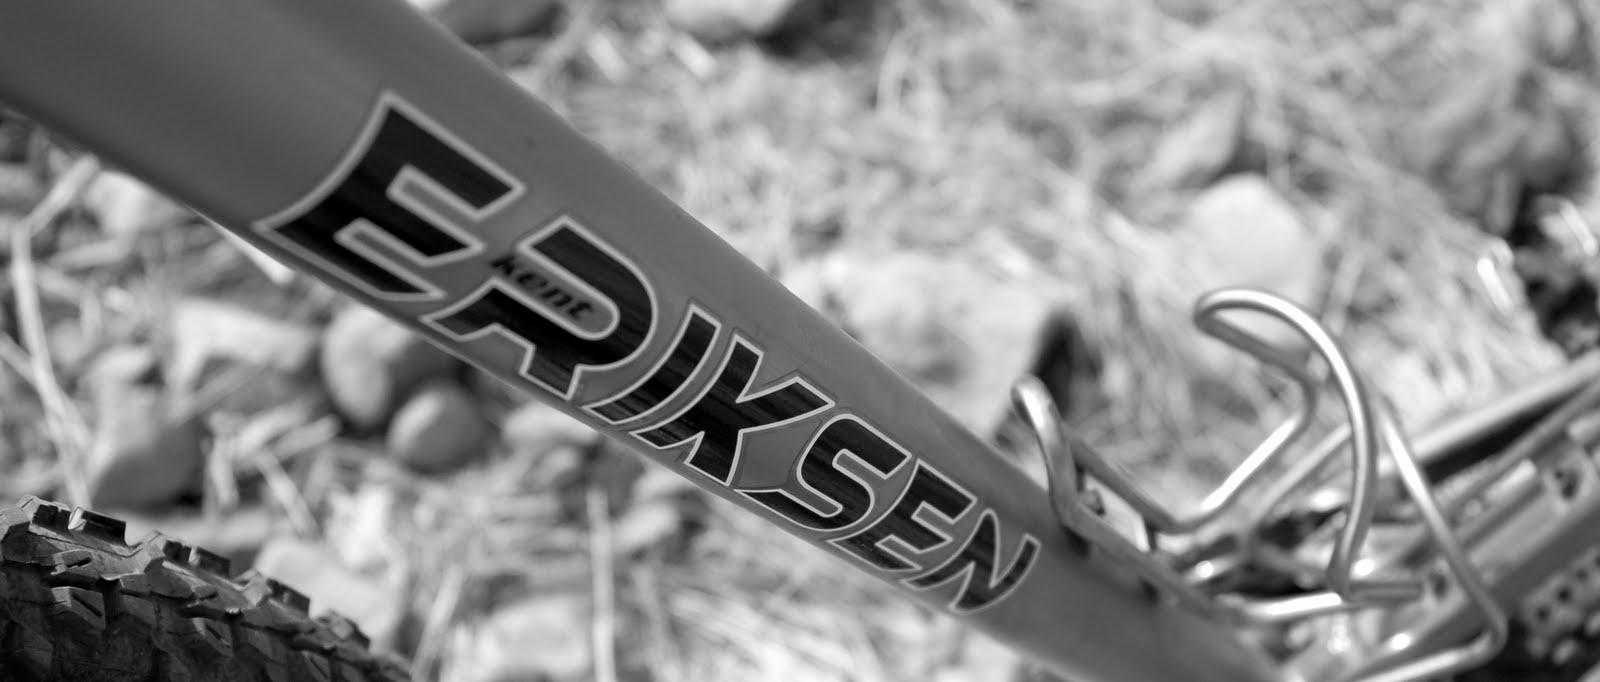 Eriksen Cycles